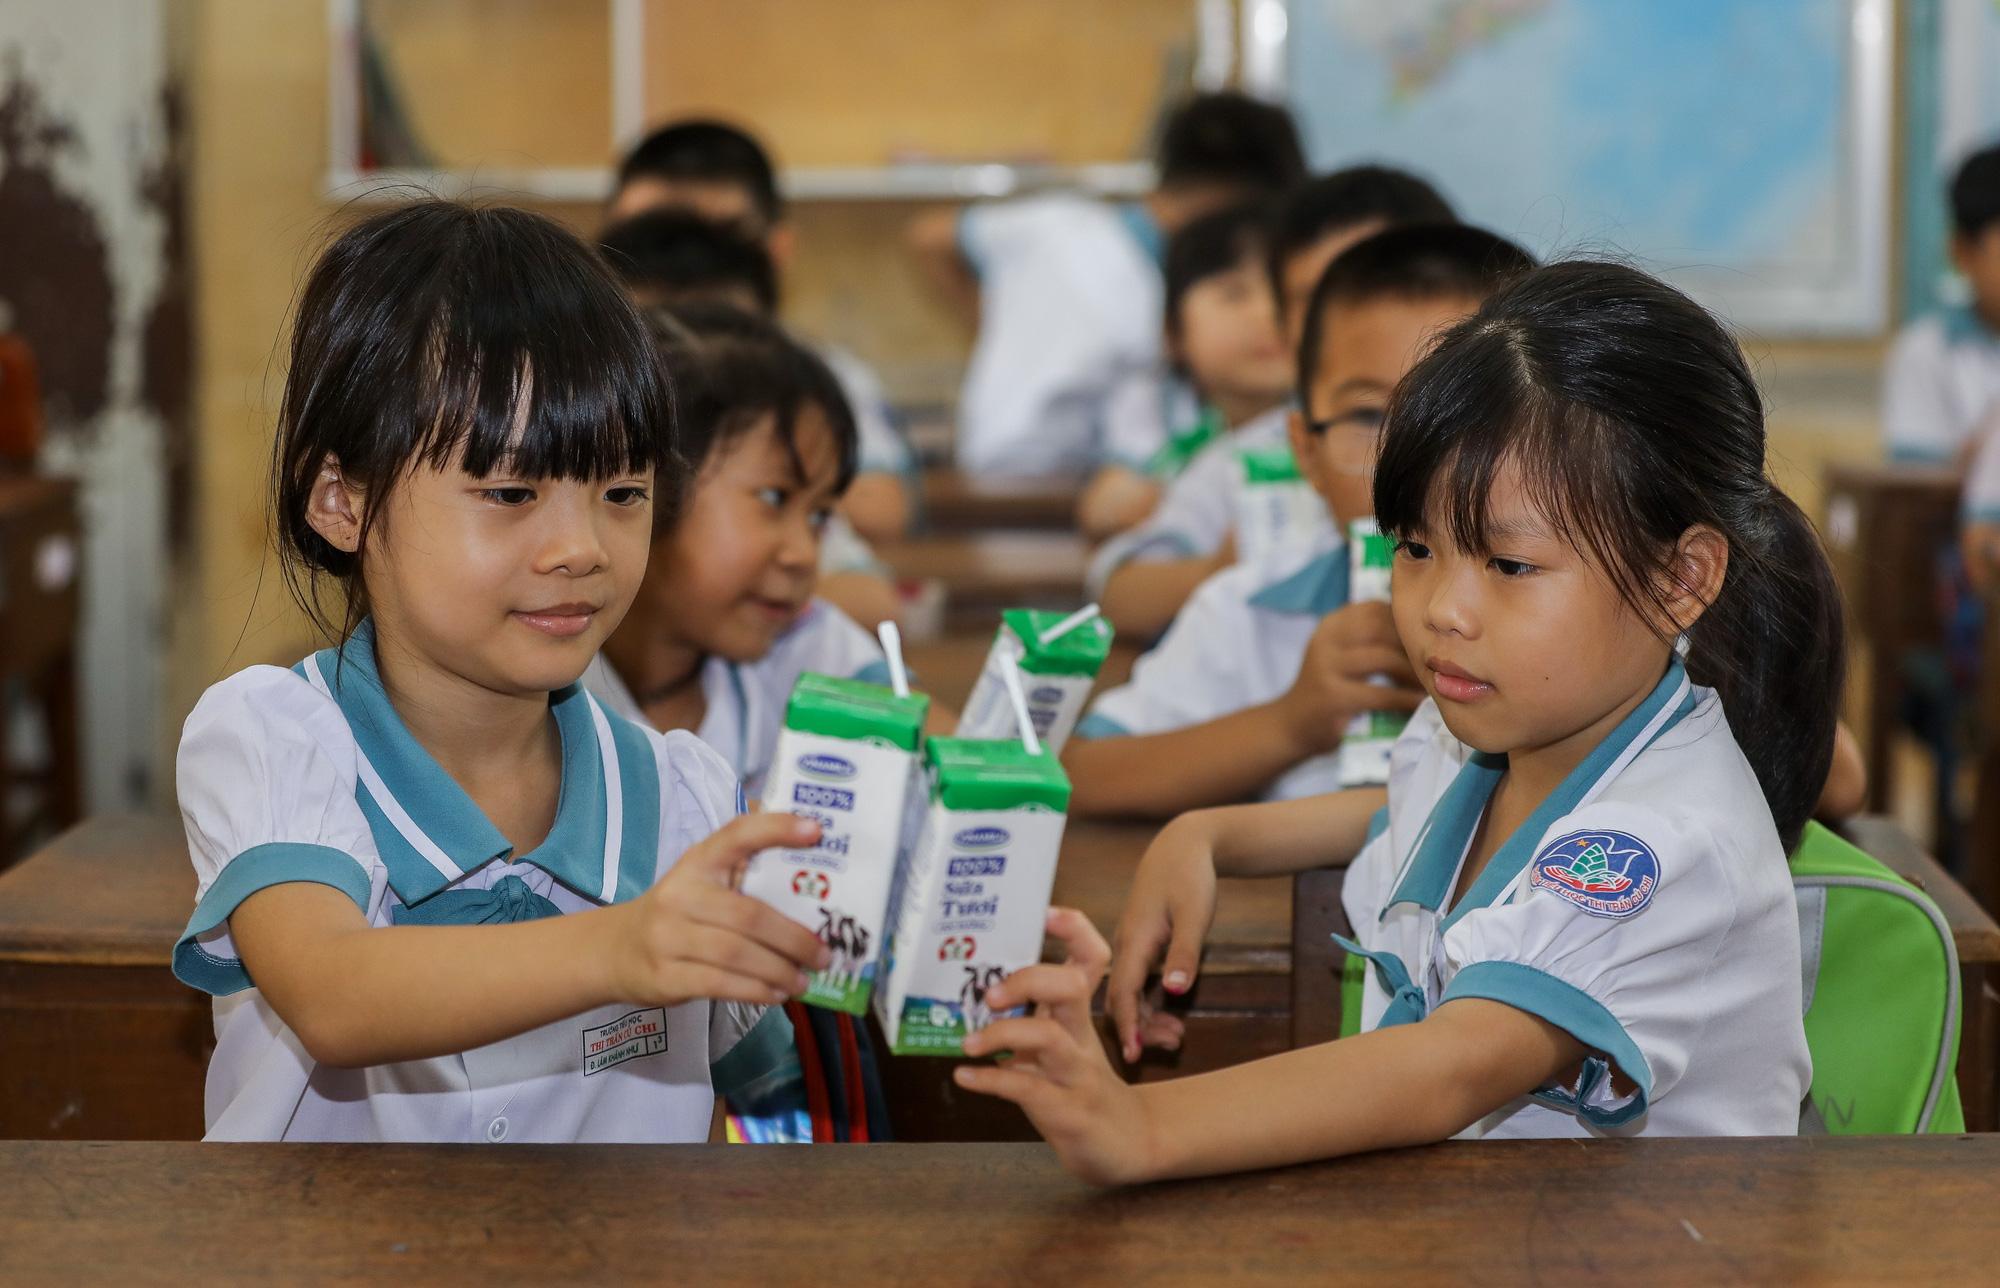 """Những giờ uống sữa """"vui khoẻ, an toàn"""" của học sinh TP.HCM - Ảnh 6."""